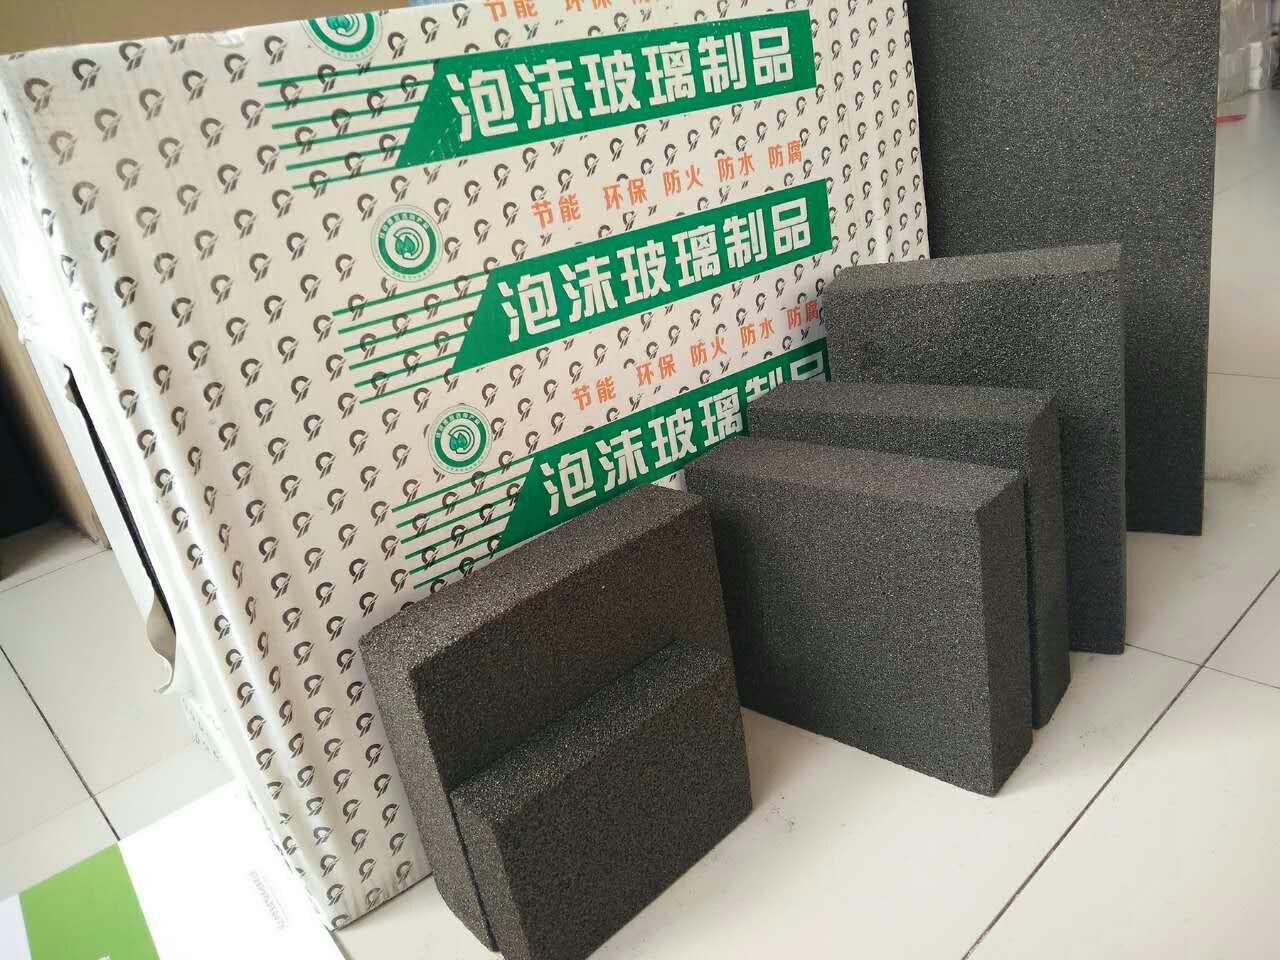 南平泡沫玻璃厂信息